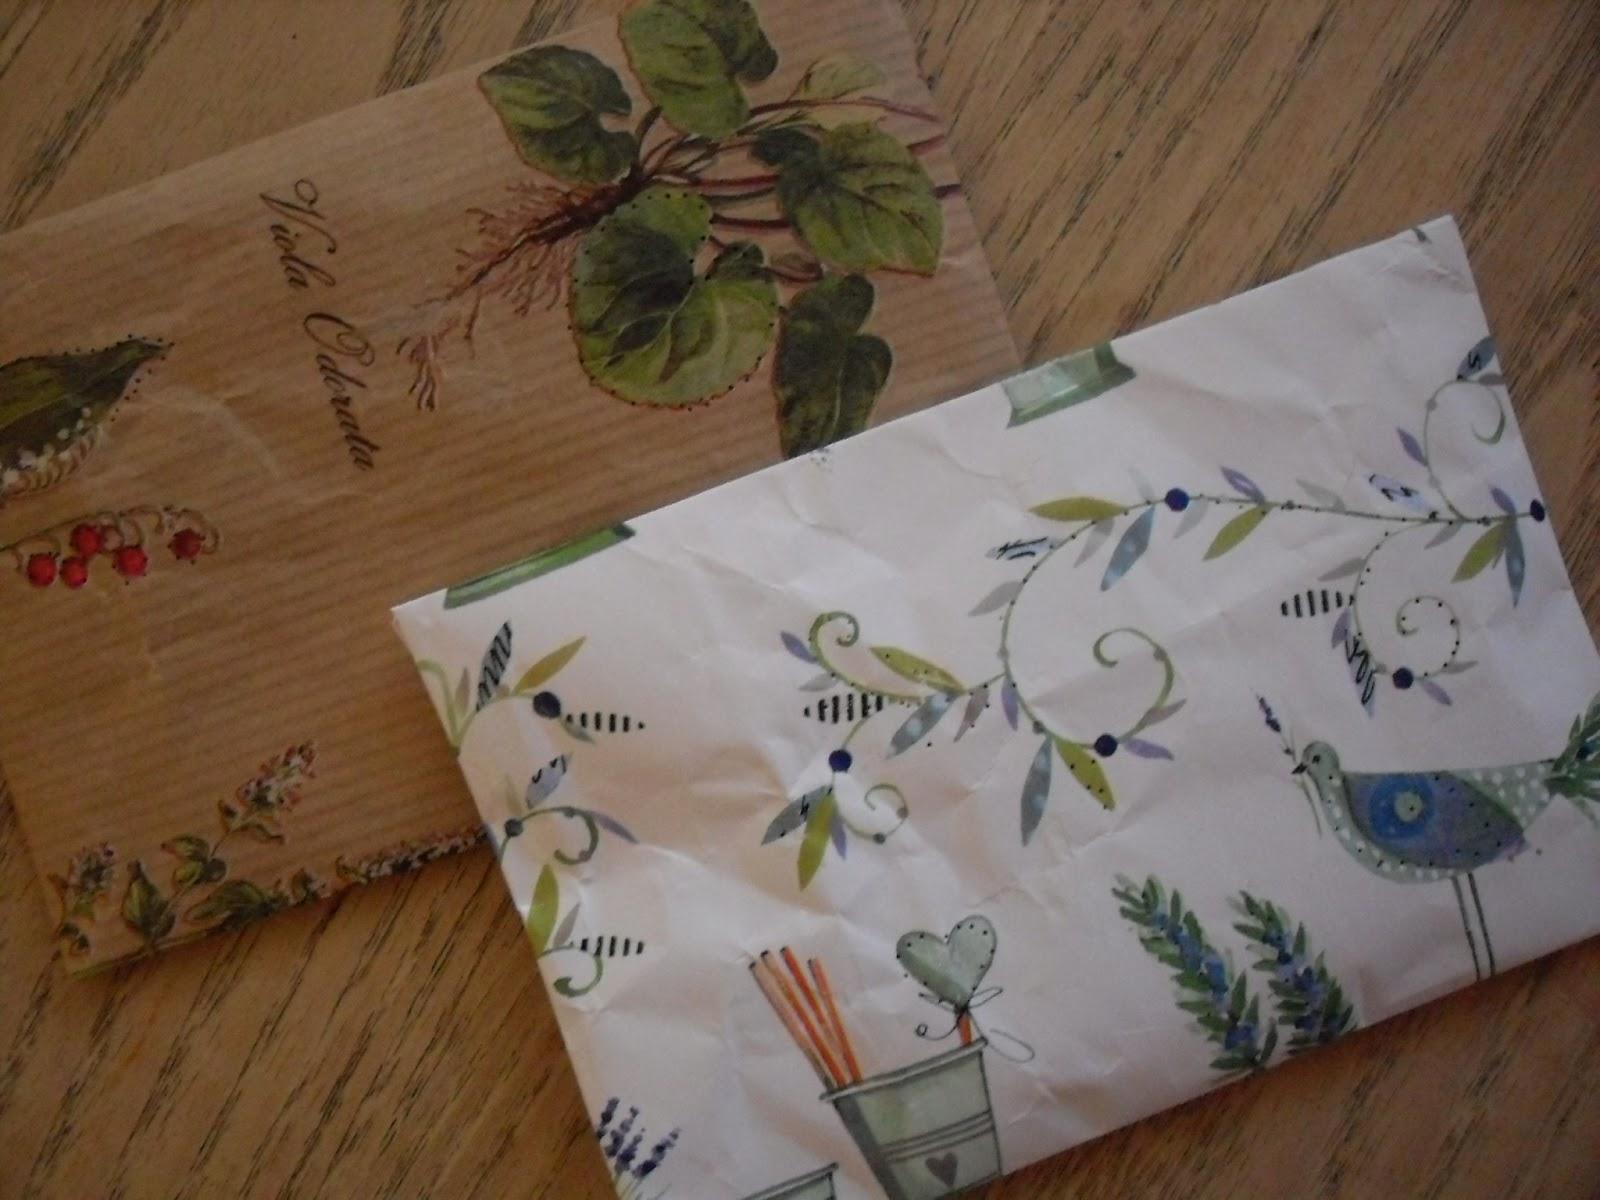 Le cose di mirtilla riutilizzare la carta da regalo usata for Cose in regalo usato